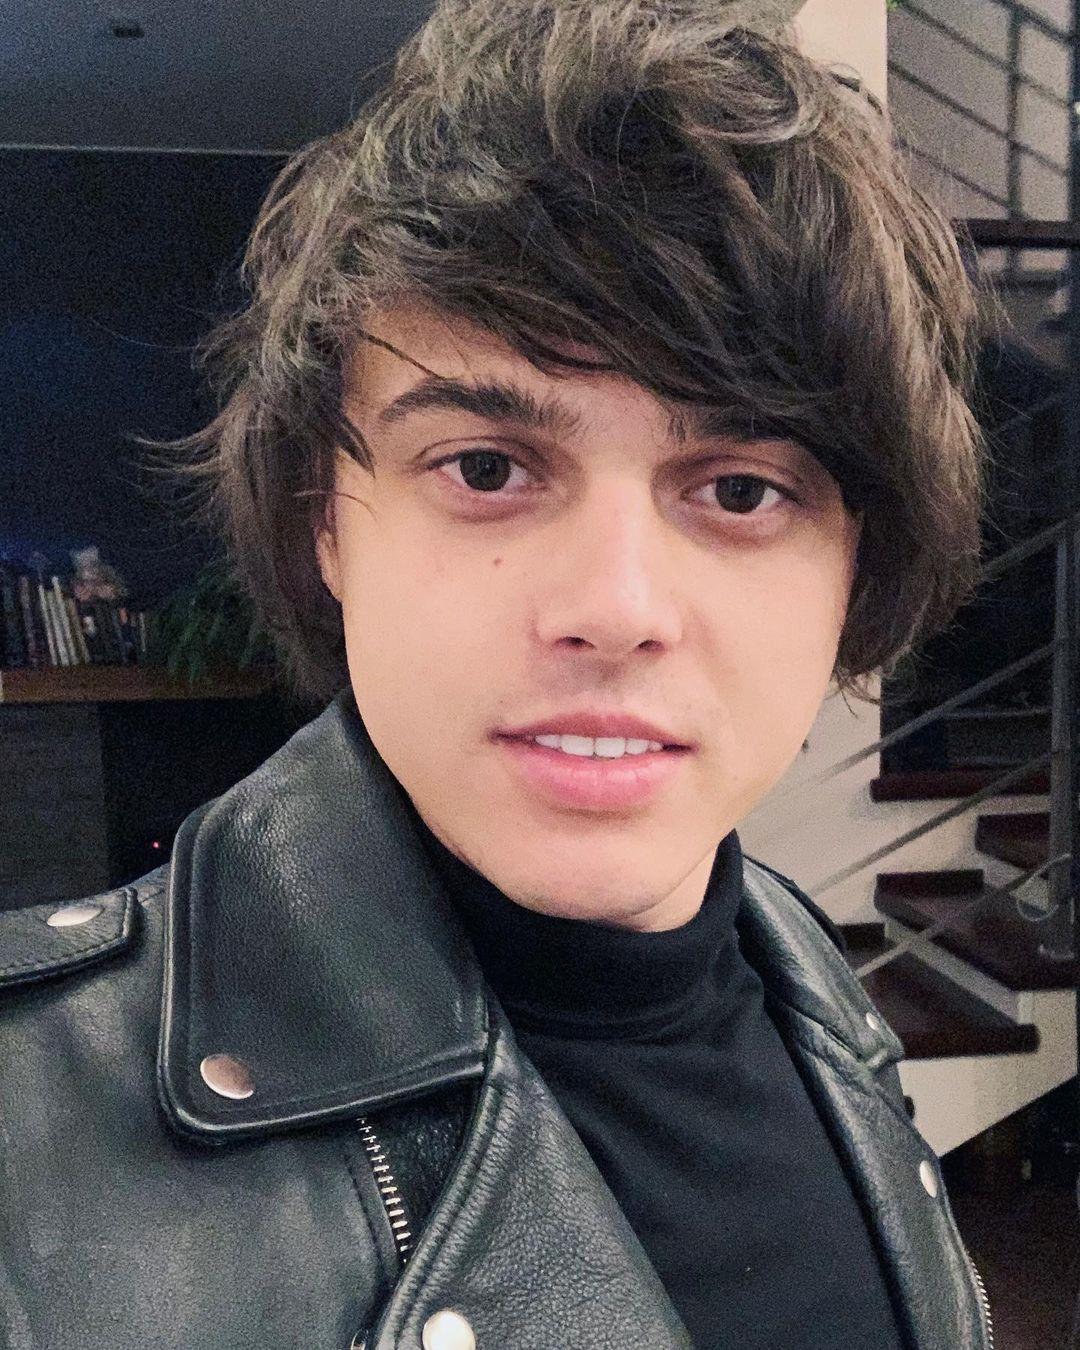 Алексеев анонсировал выход песни «Сквозь сон»